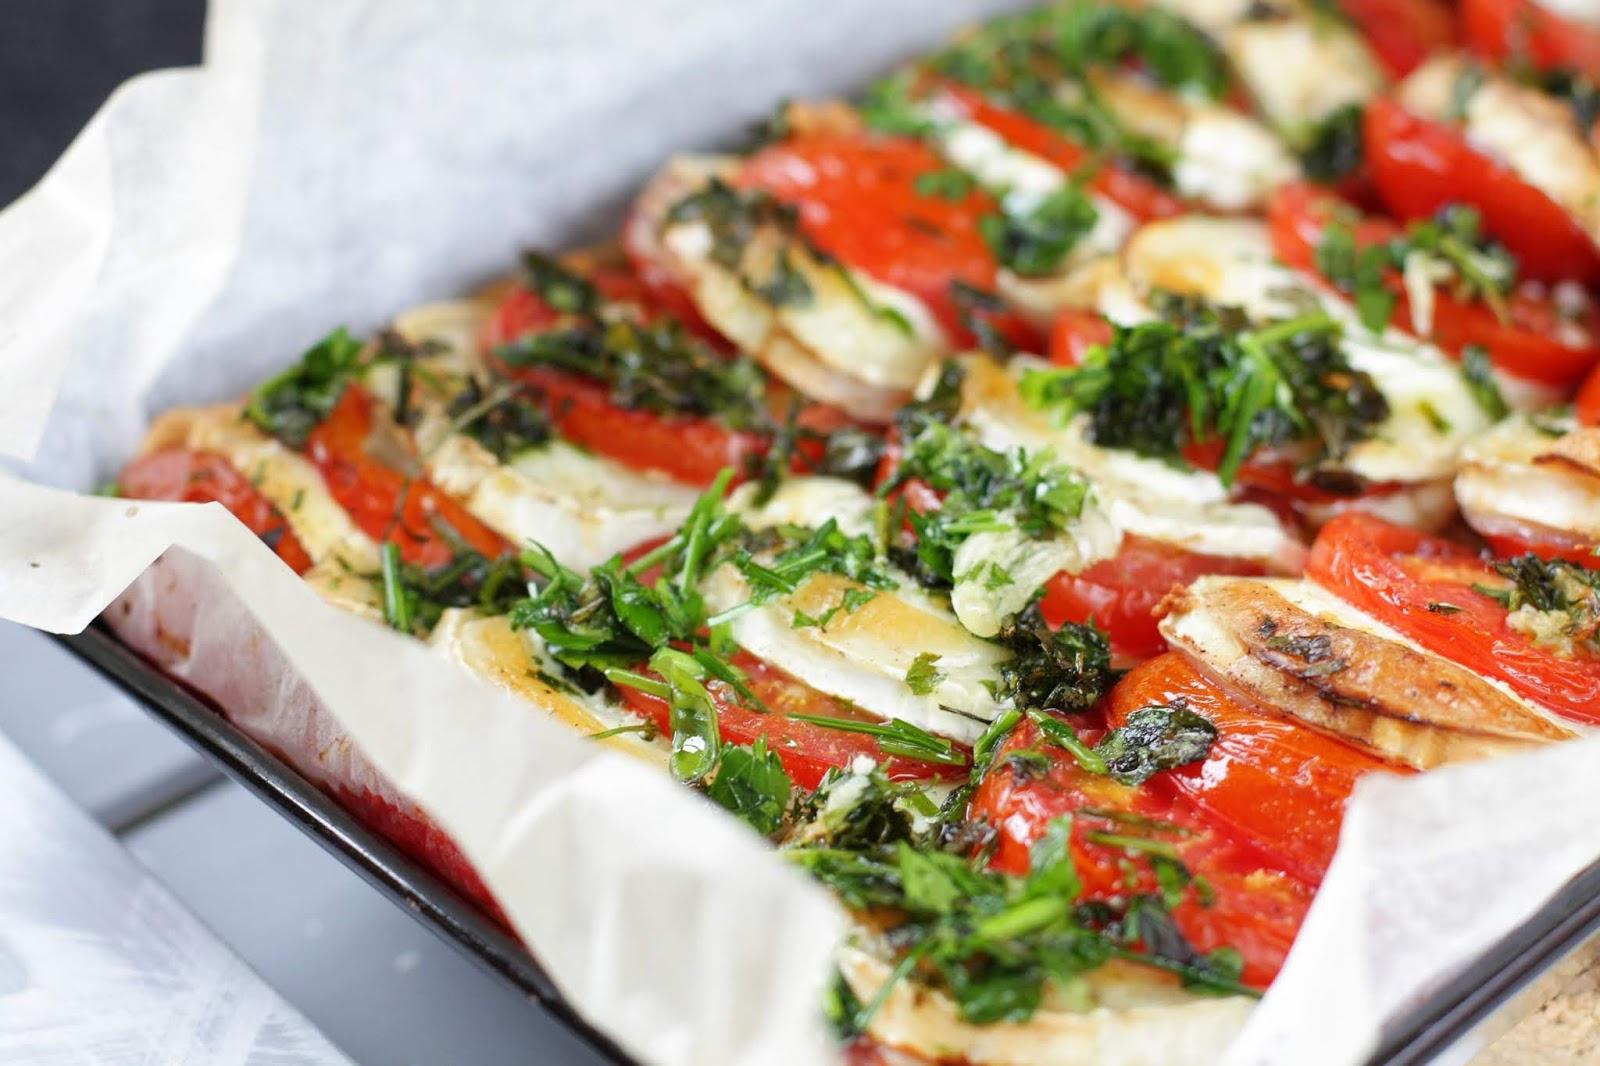 tomaatti-vuohenjuustopiirakka mallaspulla ruokablogi pipsa hurmerinta